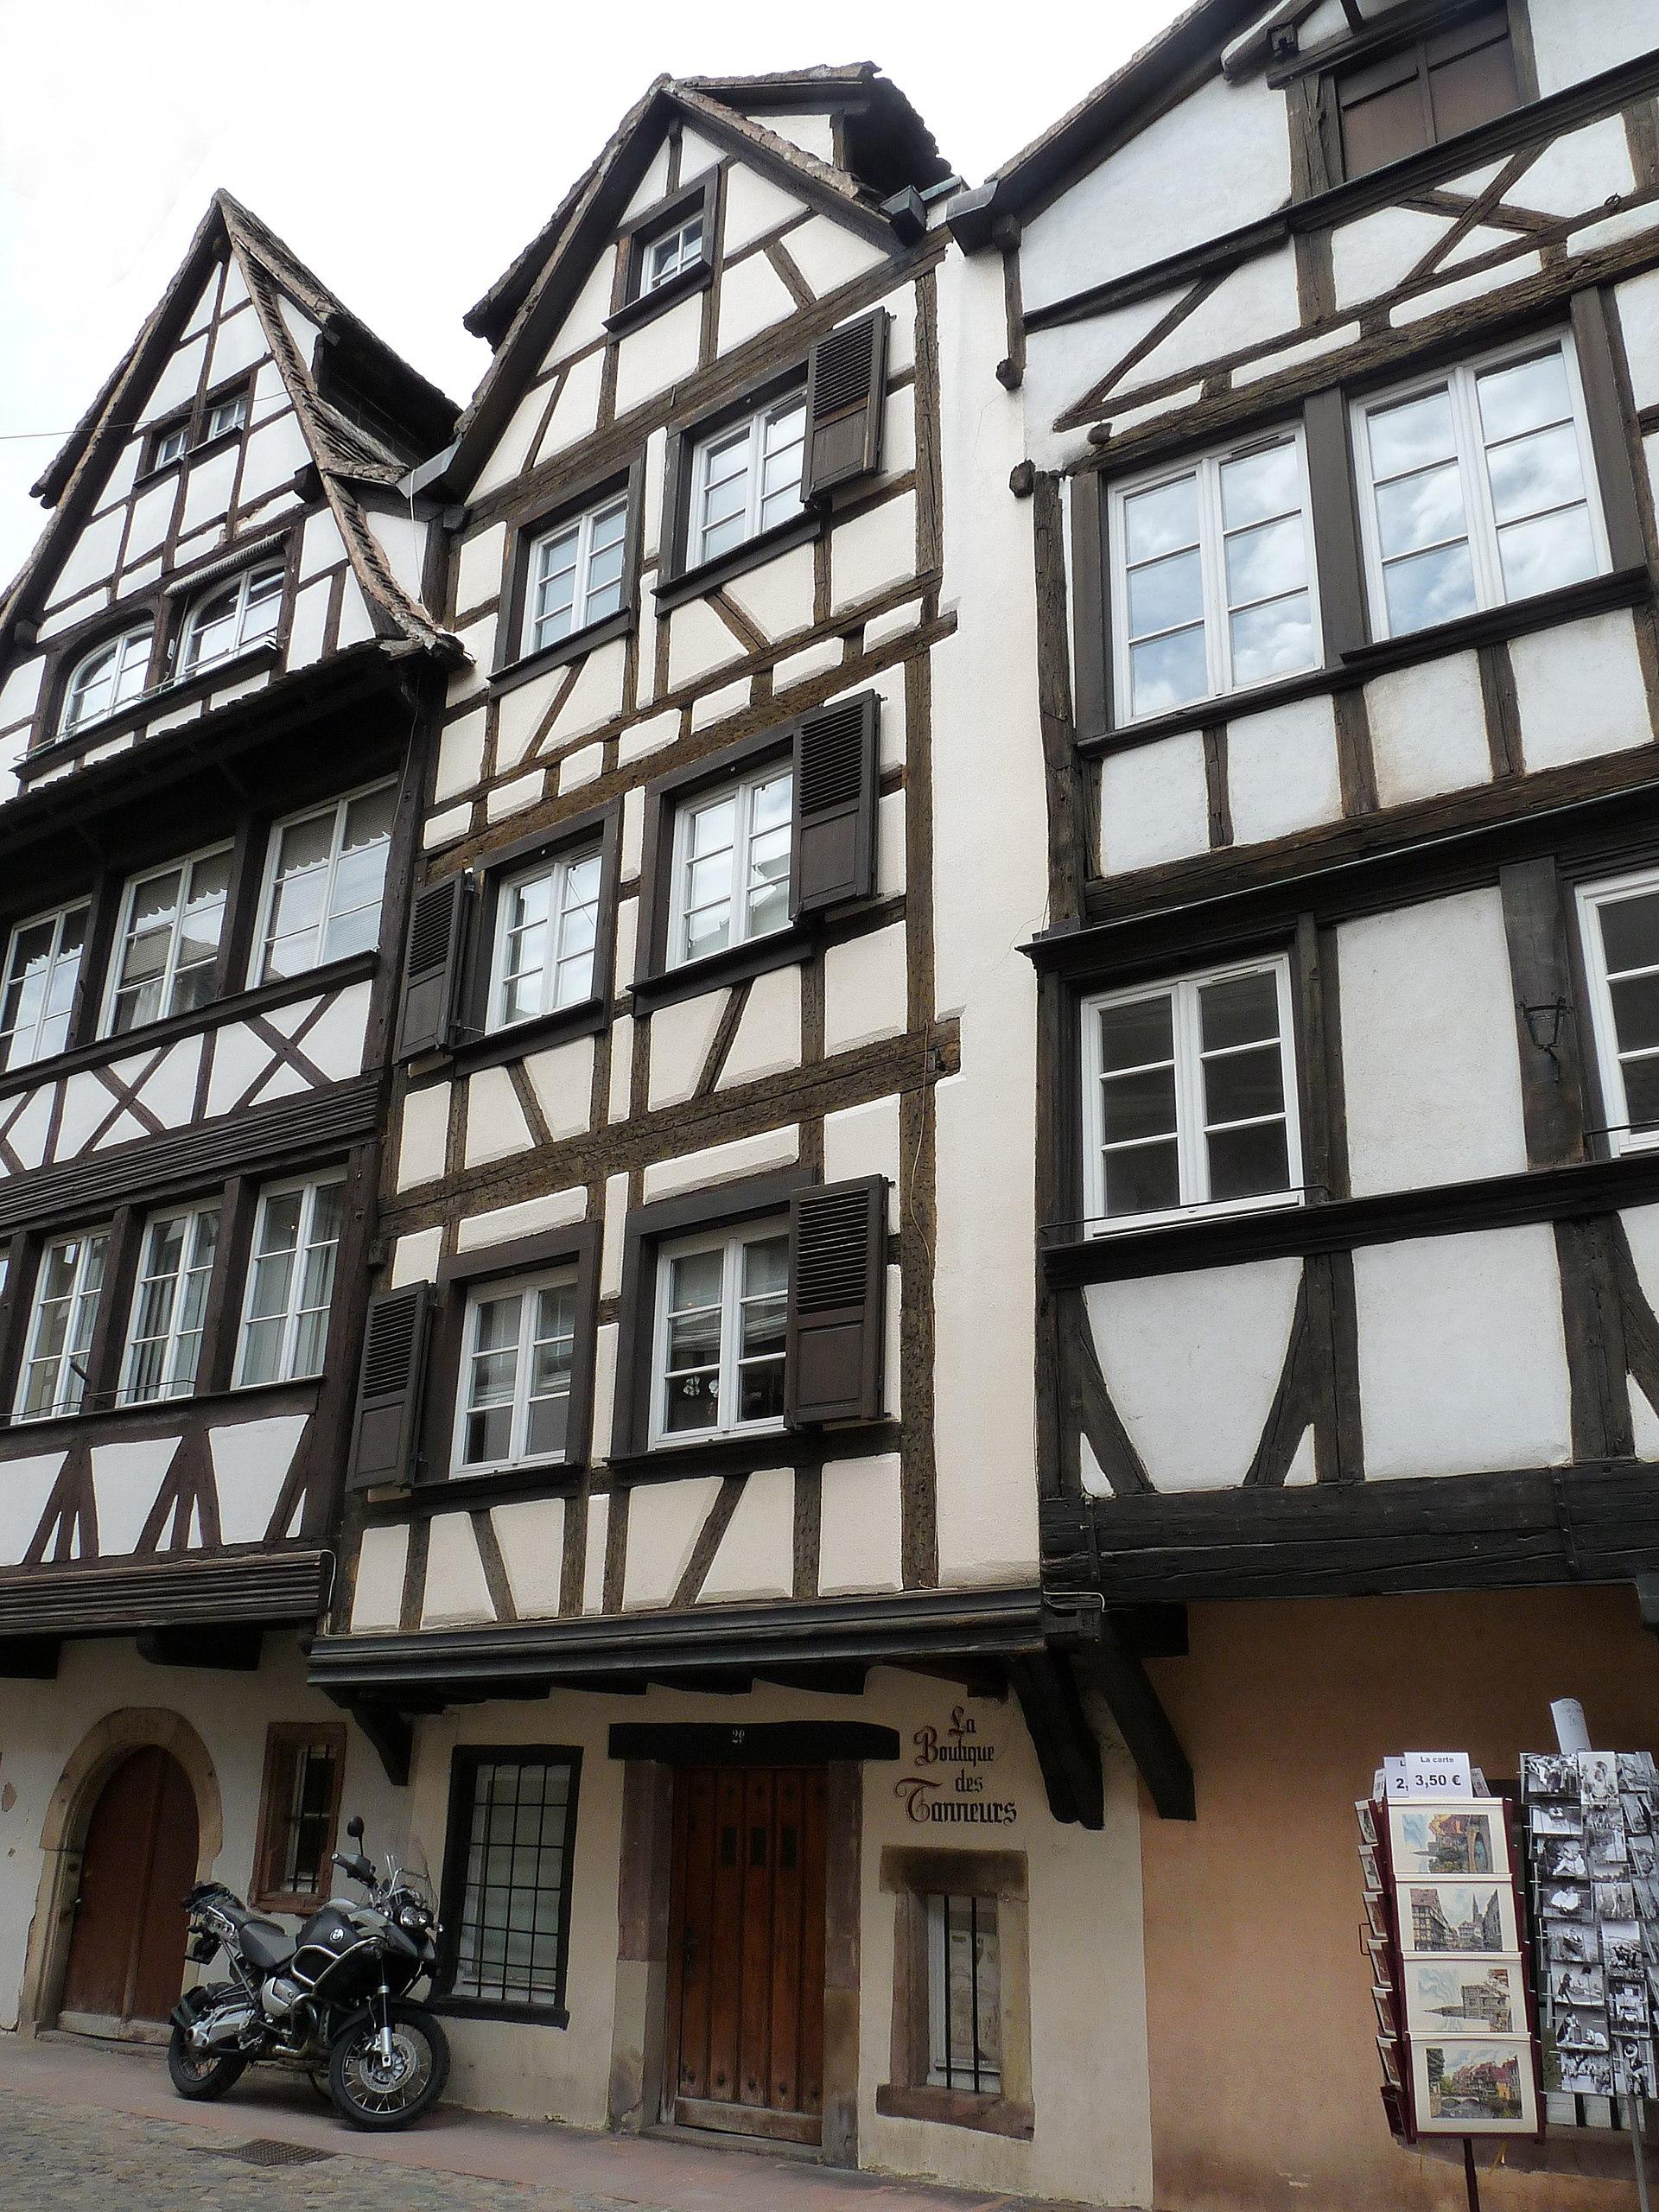 Maison au 29 rue du bain aux plantes strasbourg wikip dia for Rue du miroir strasbourg